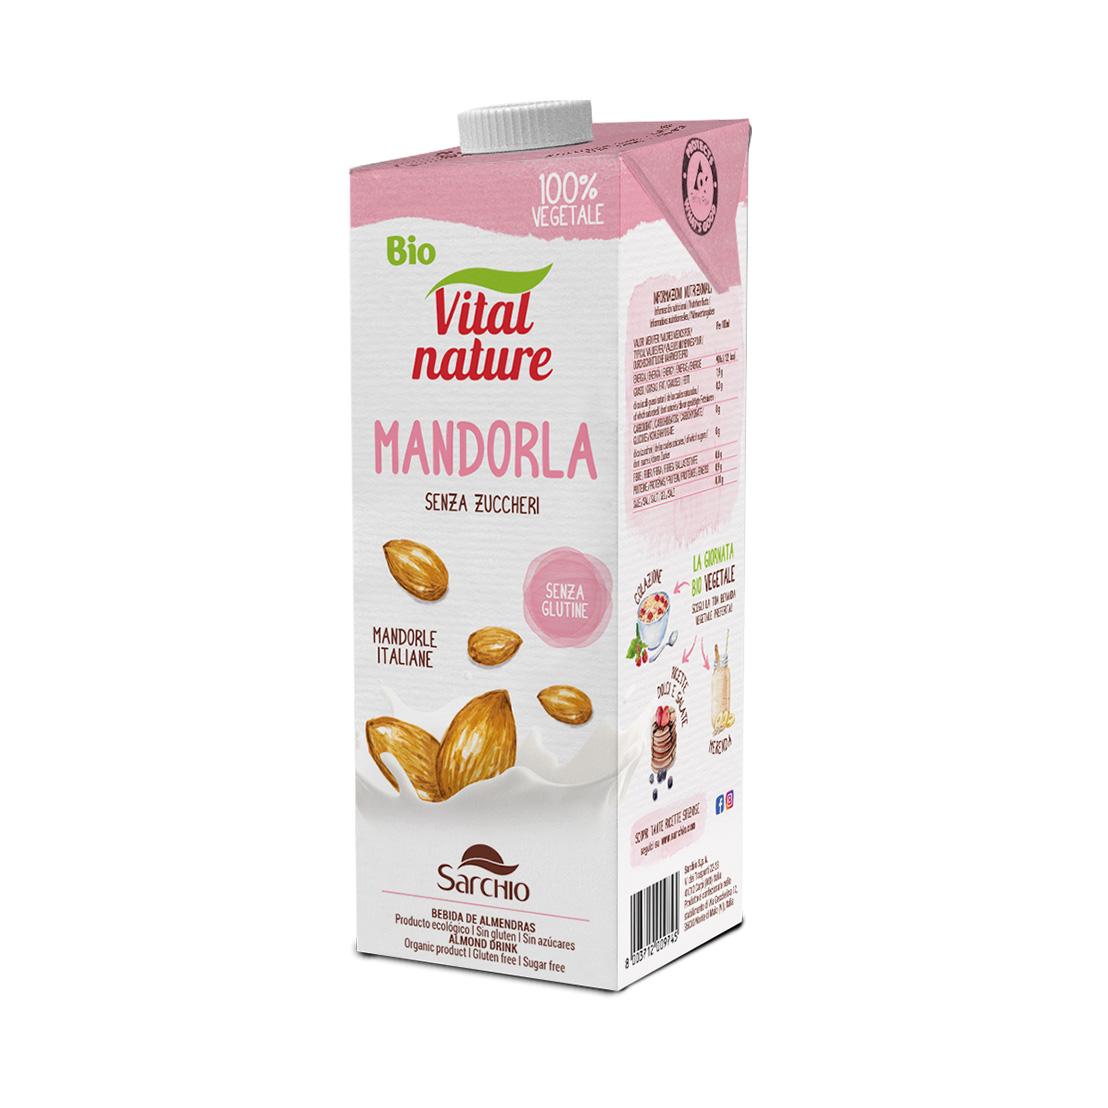 Almond milk drink